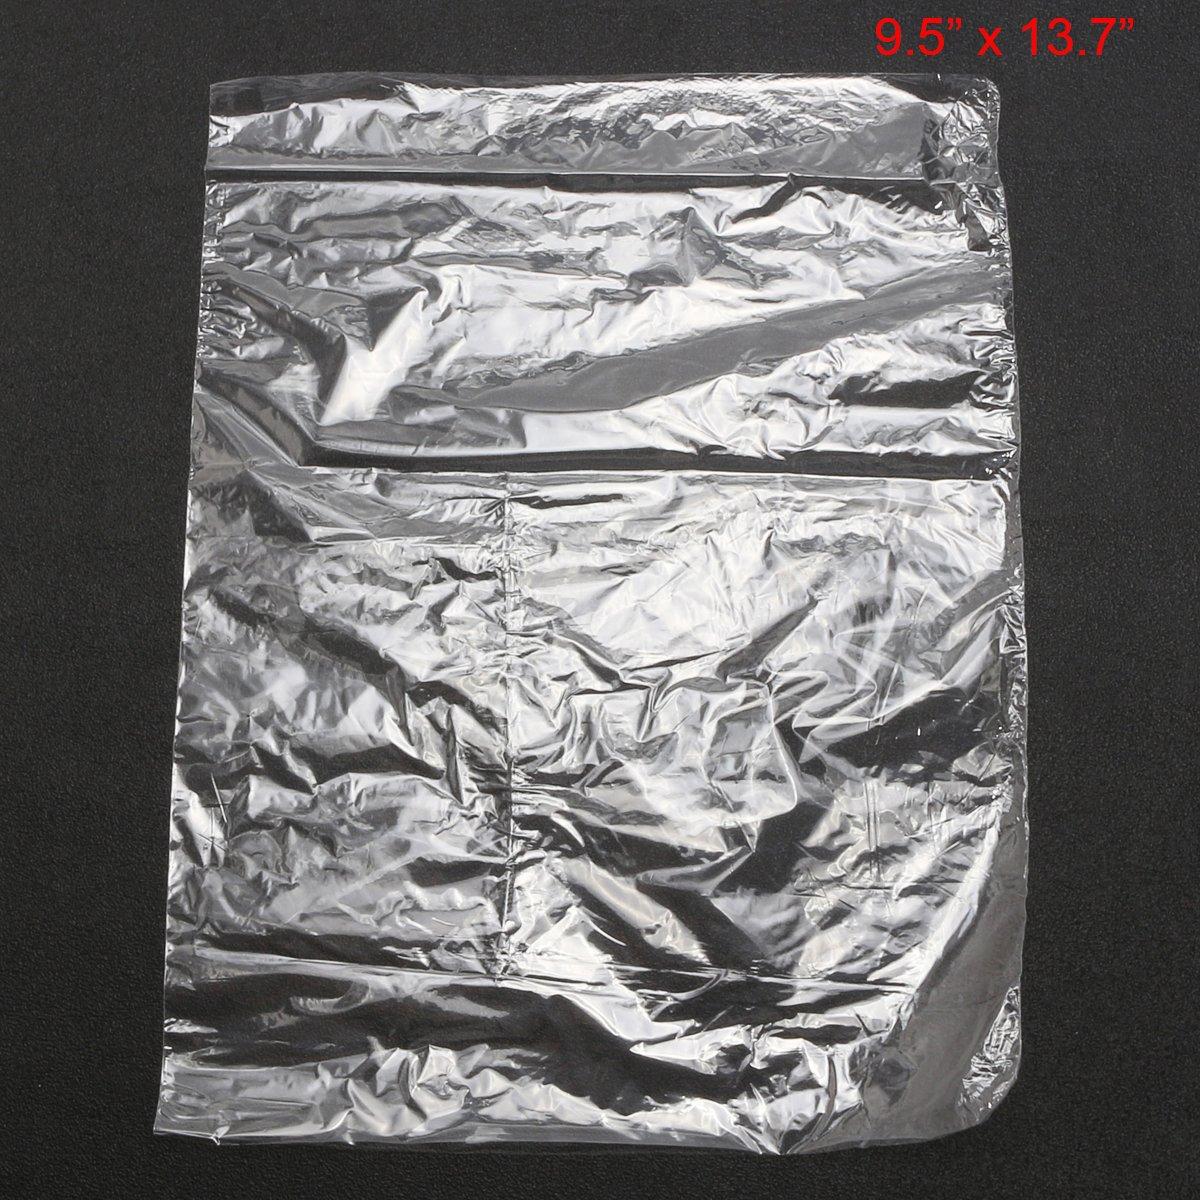 Buste termorestringenti per imballaggio trasparenti 24 x 35 cm confezione da 100 pezzi